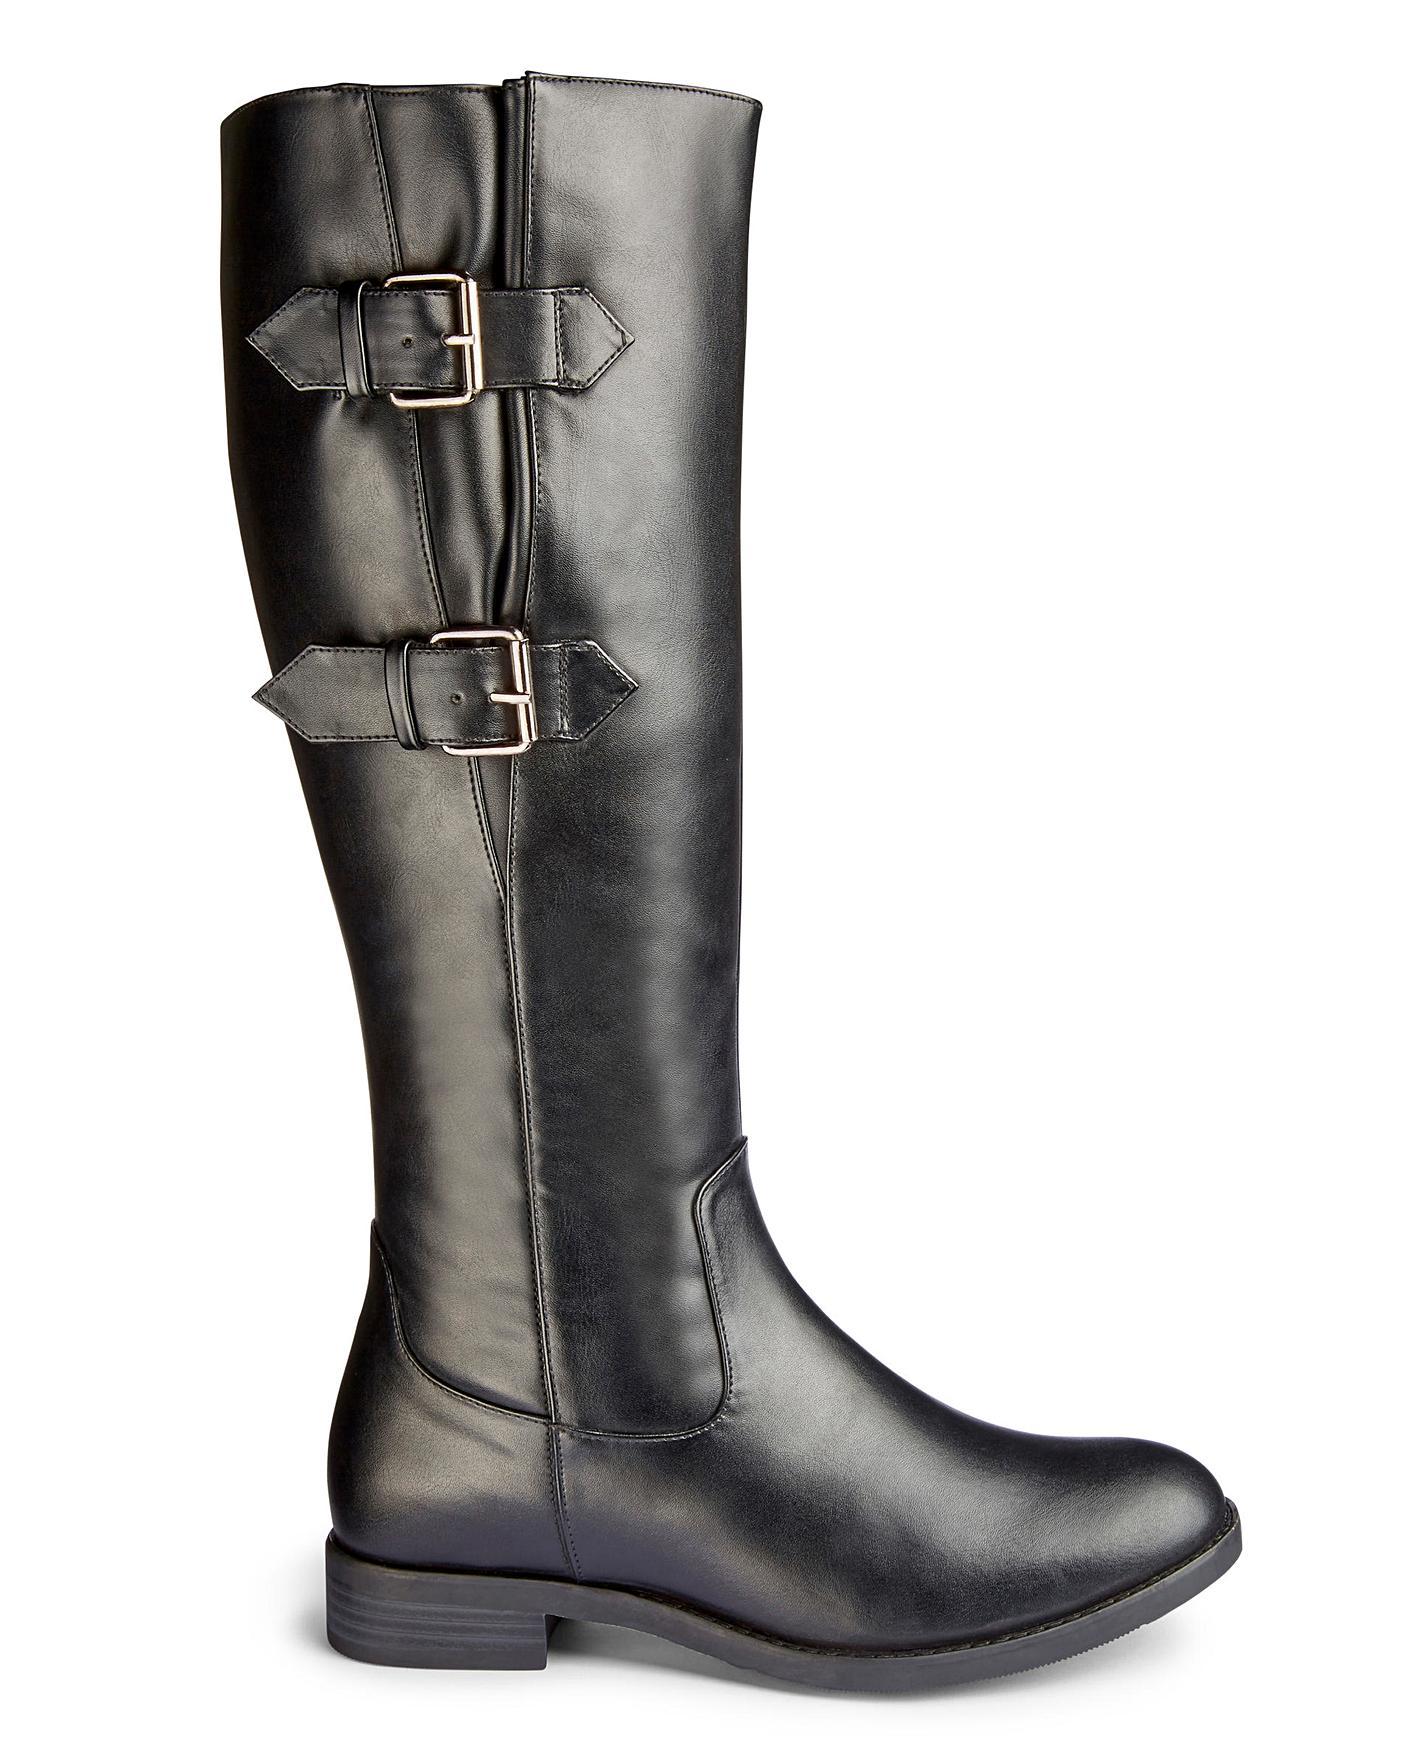 Buckle Boots EEE Fit Standard Calf